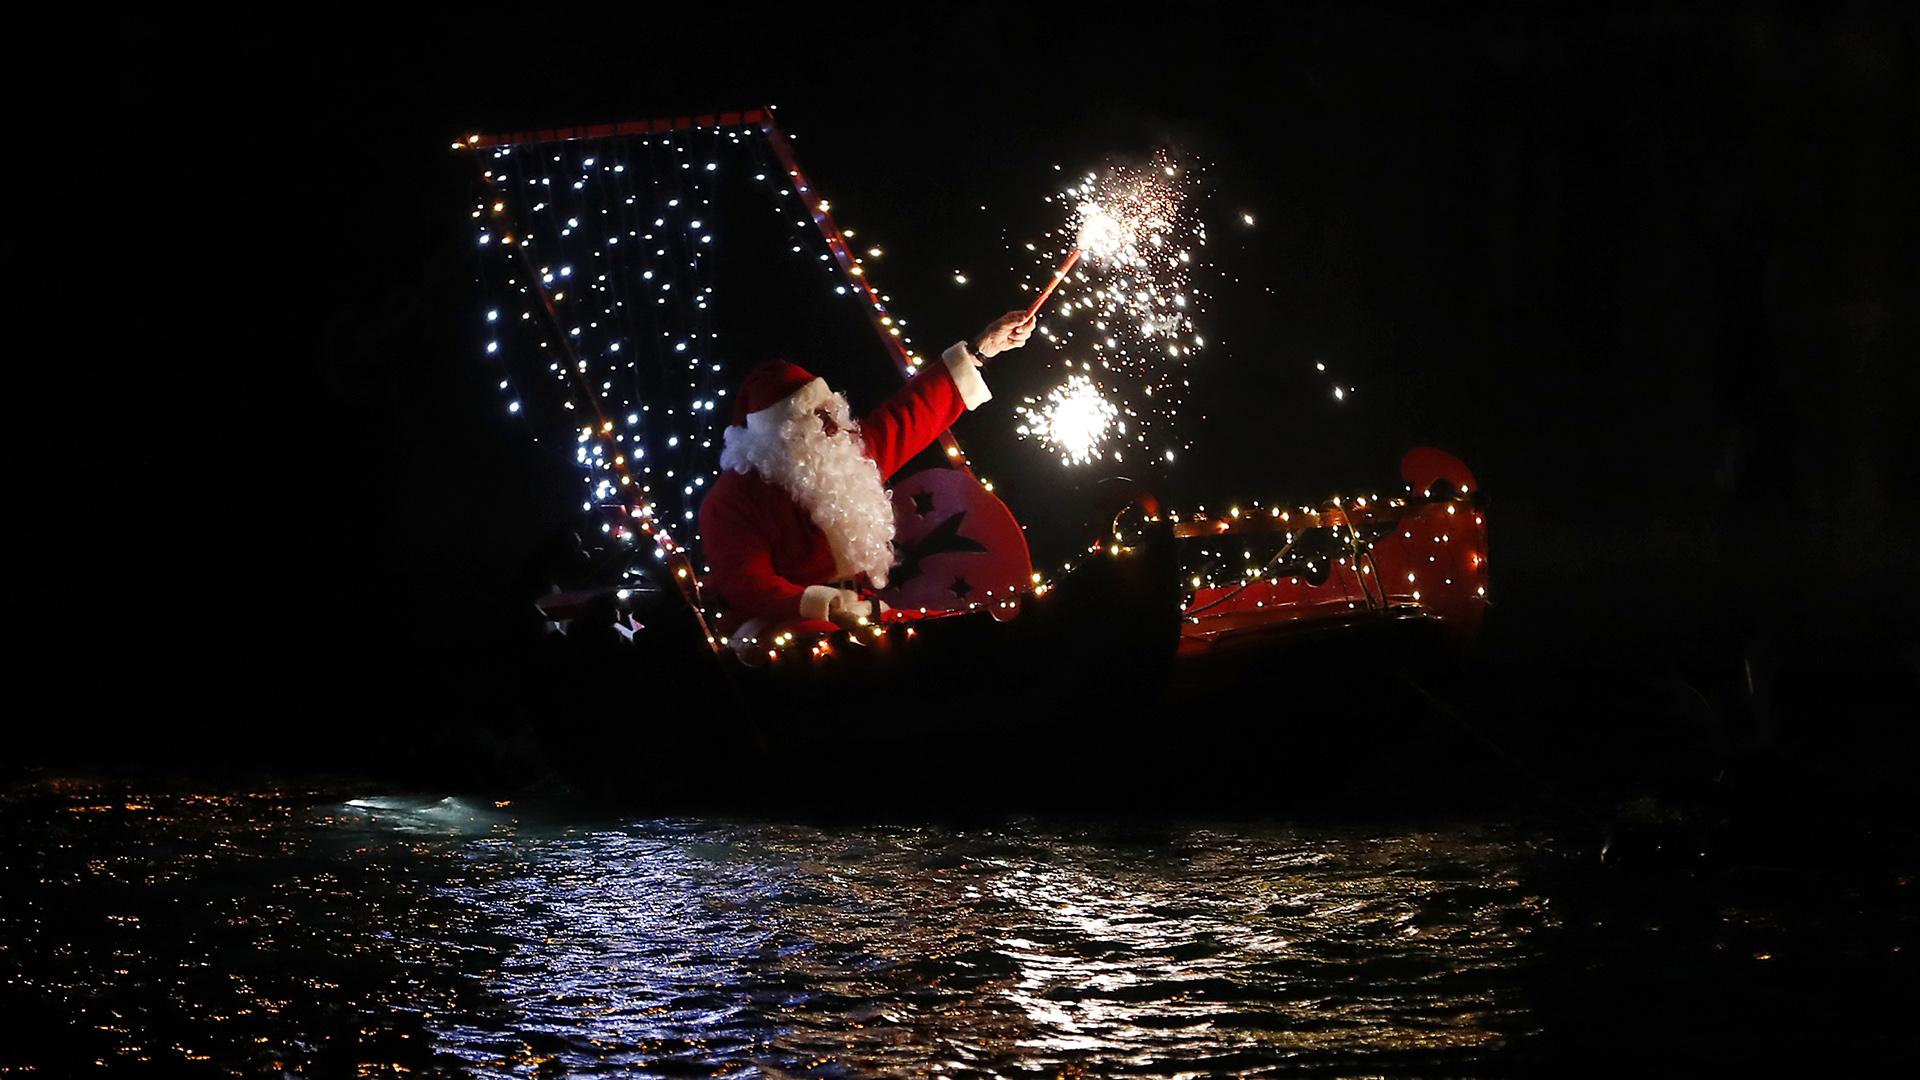 Un hombre disfrazado de Papá Noel sostiene una bengala mientras se sienta en un bote durante las celebraciones de la víspera de Navidad en Imperia, Italia